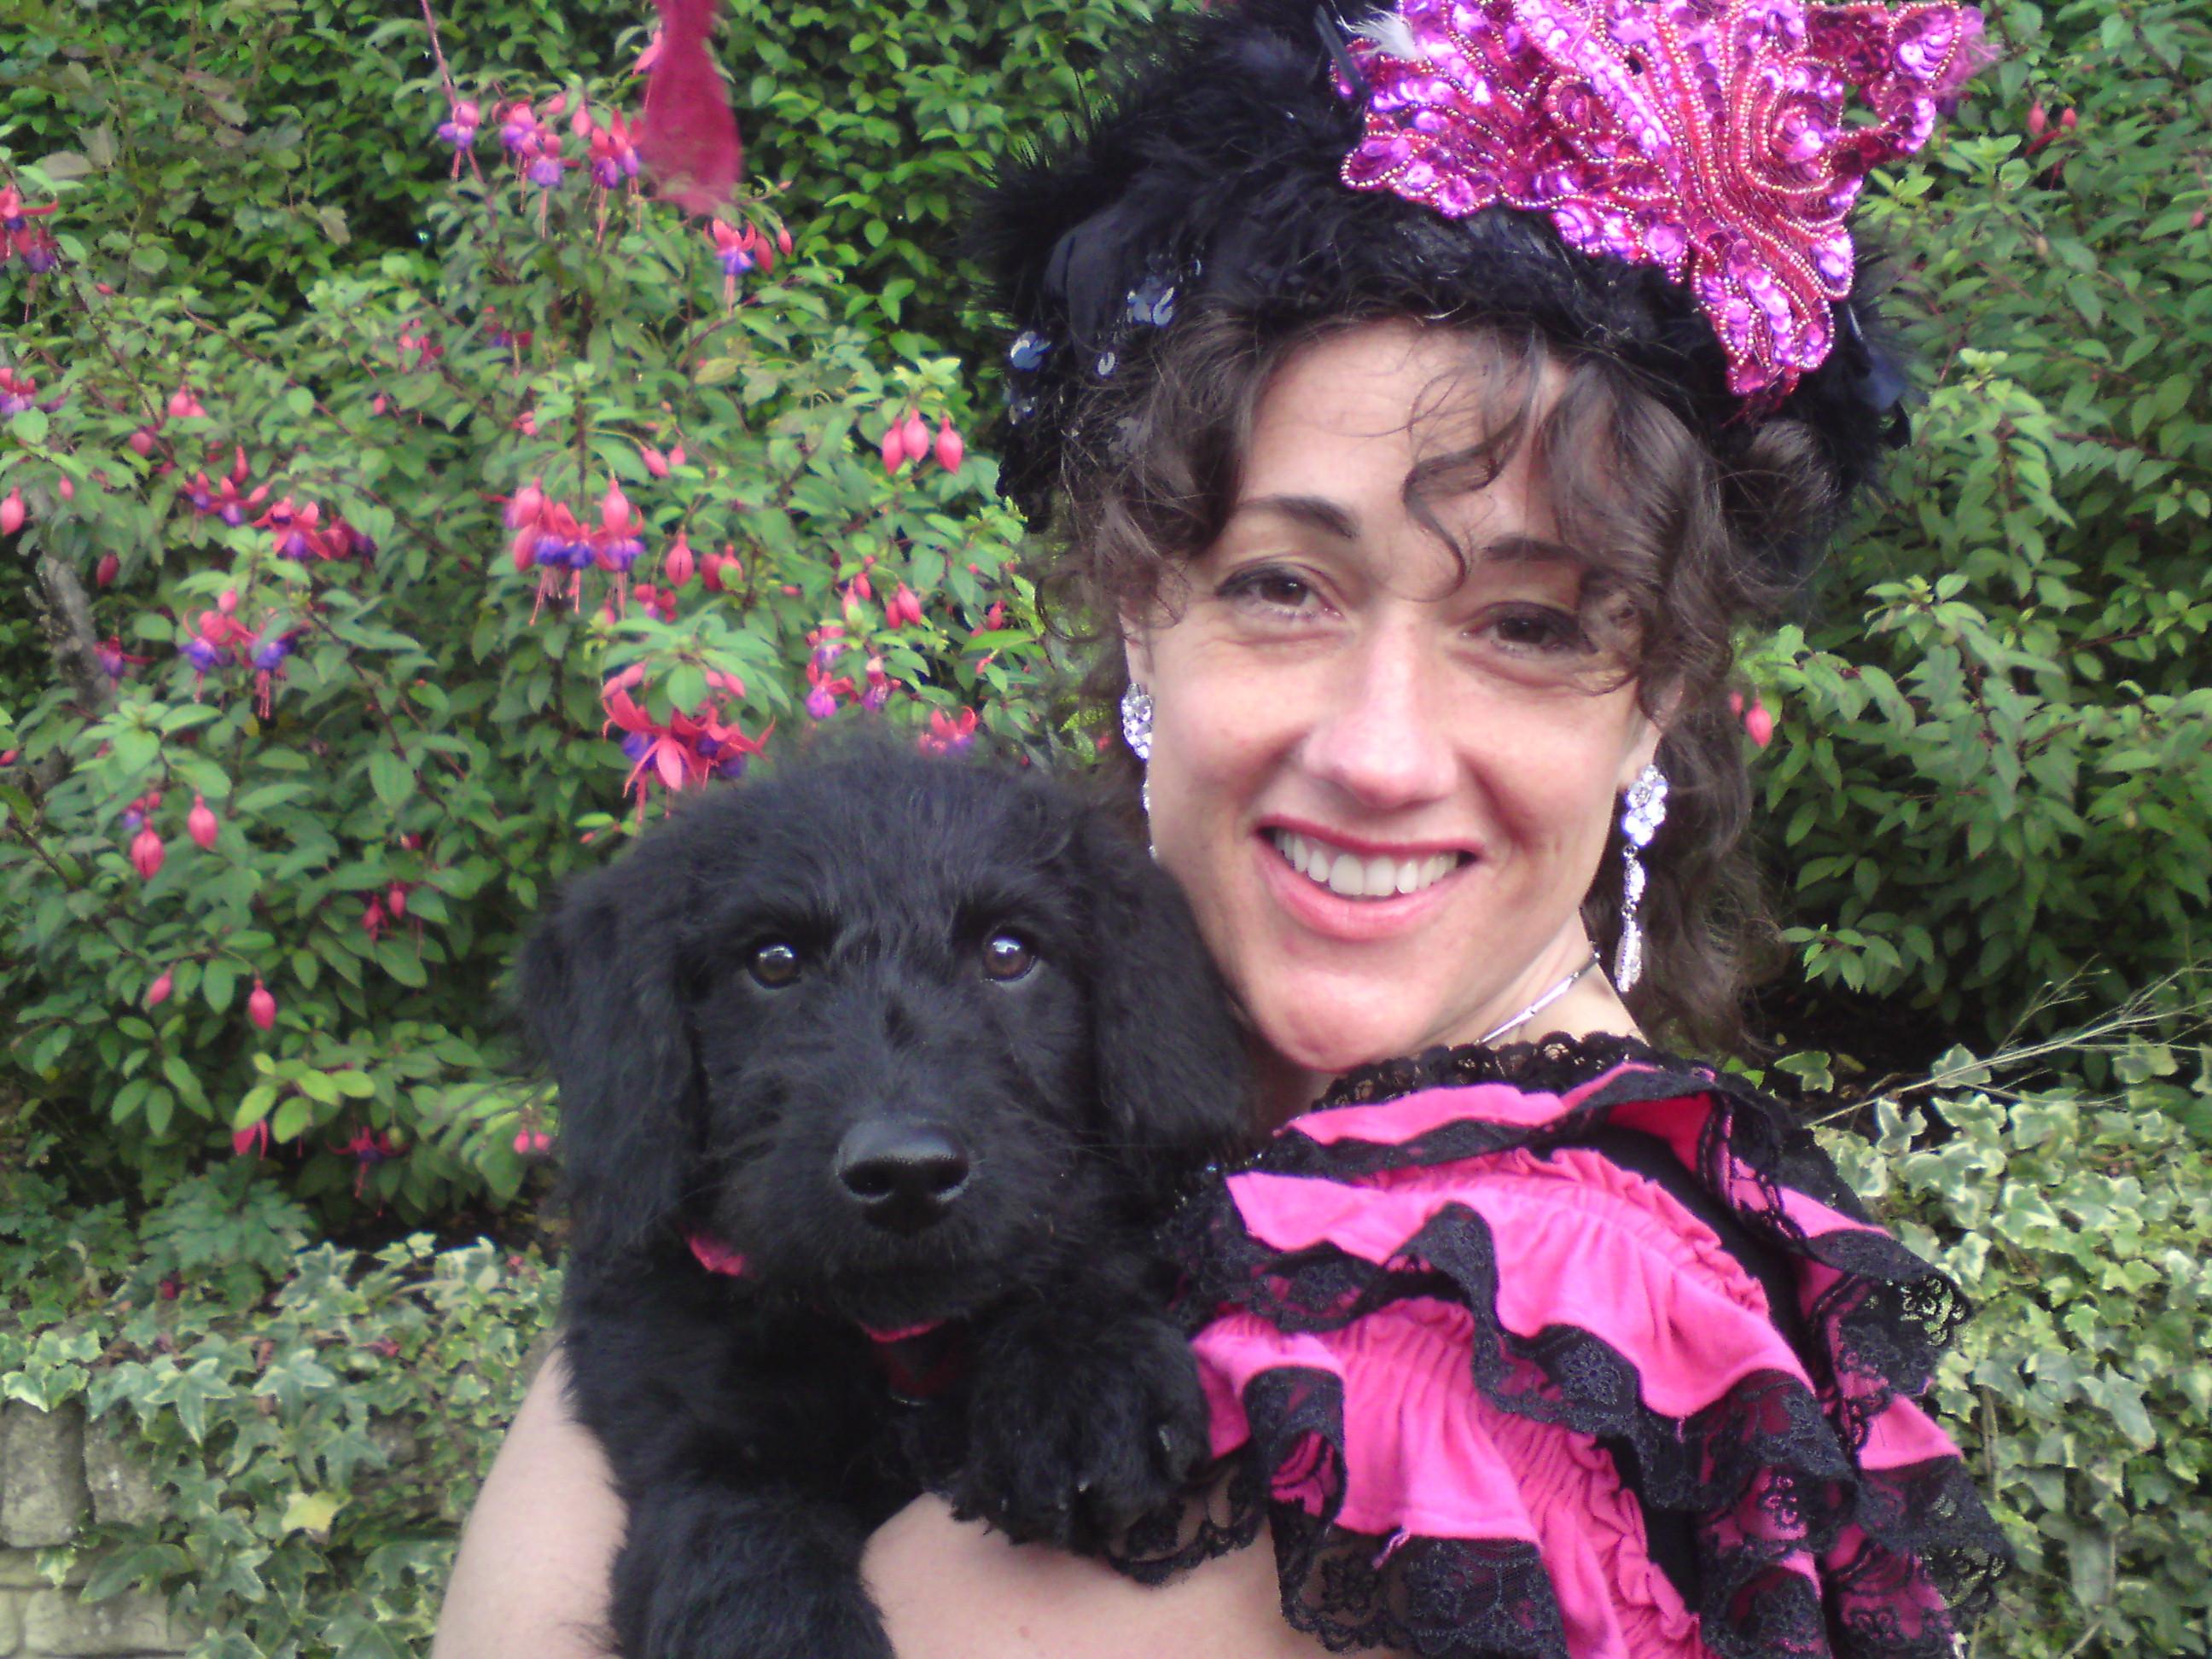 Bongo the Puppy!